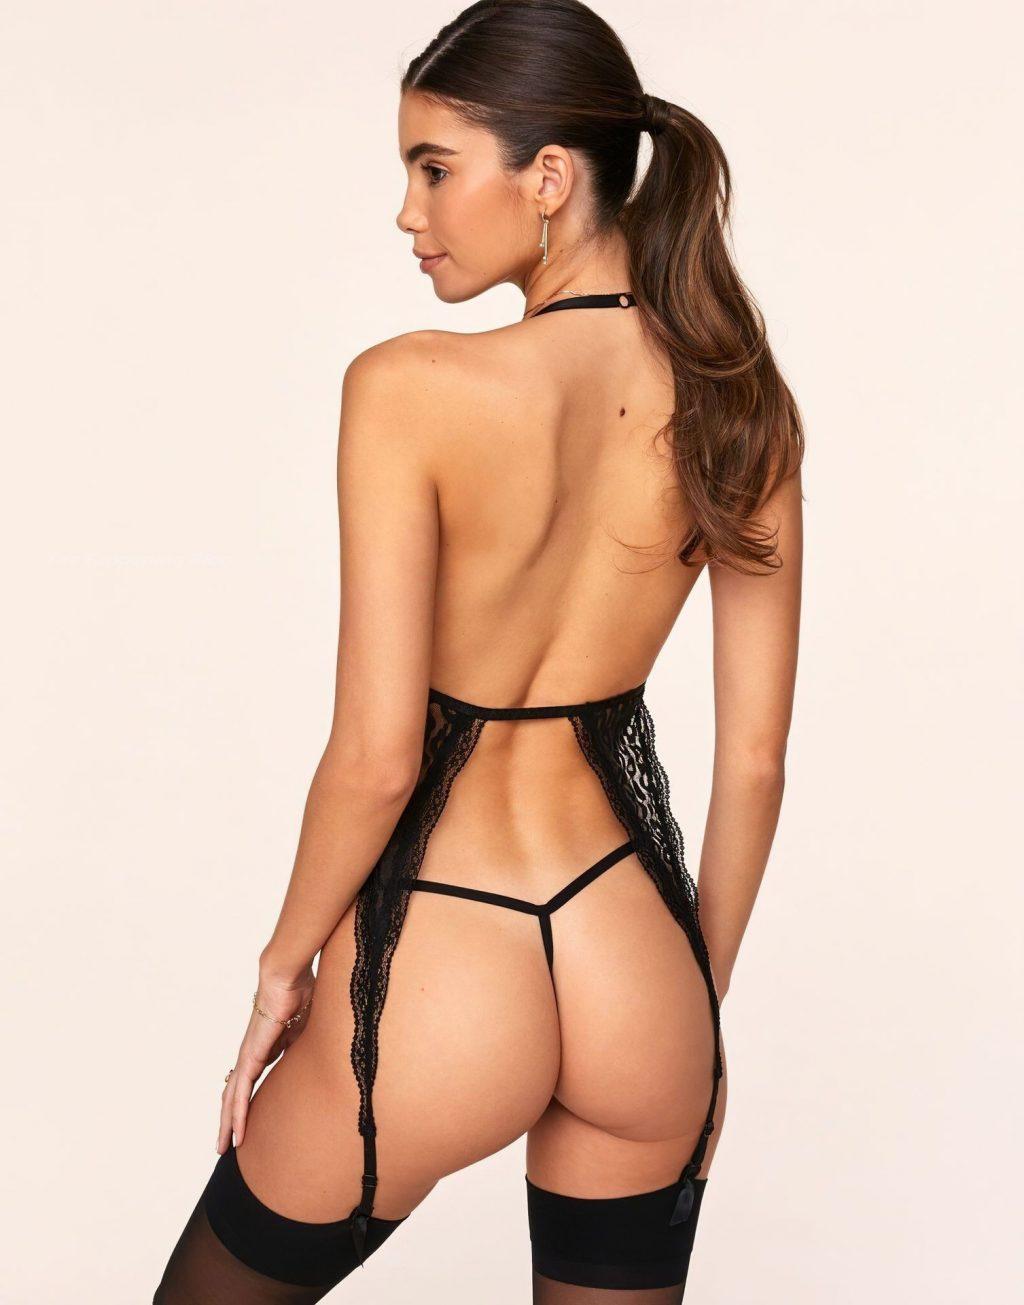 Cindy Mello Sexy & Topless (14 Photos)